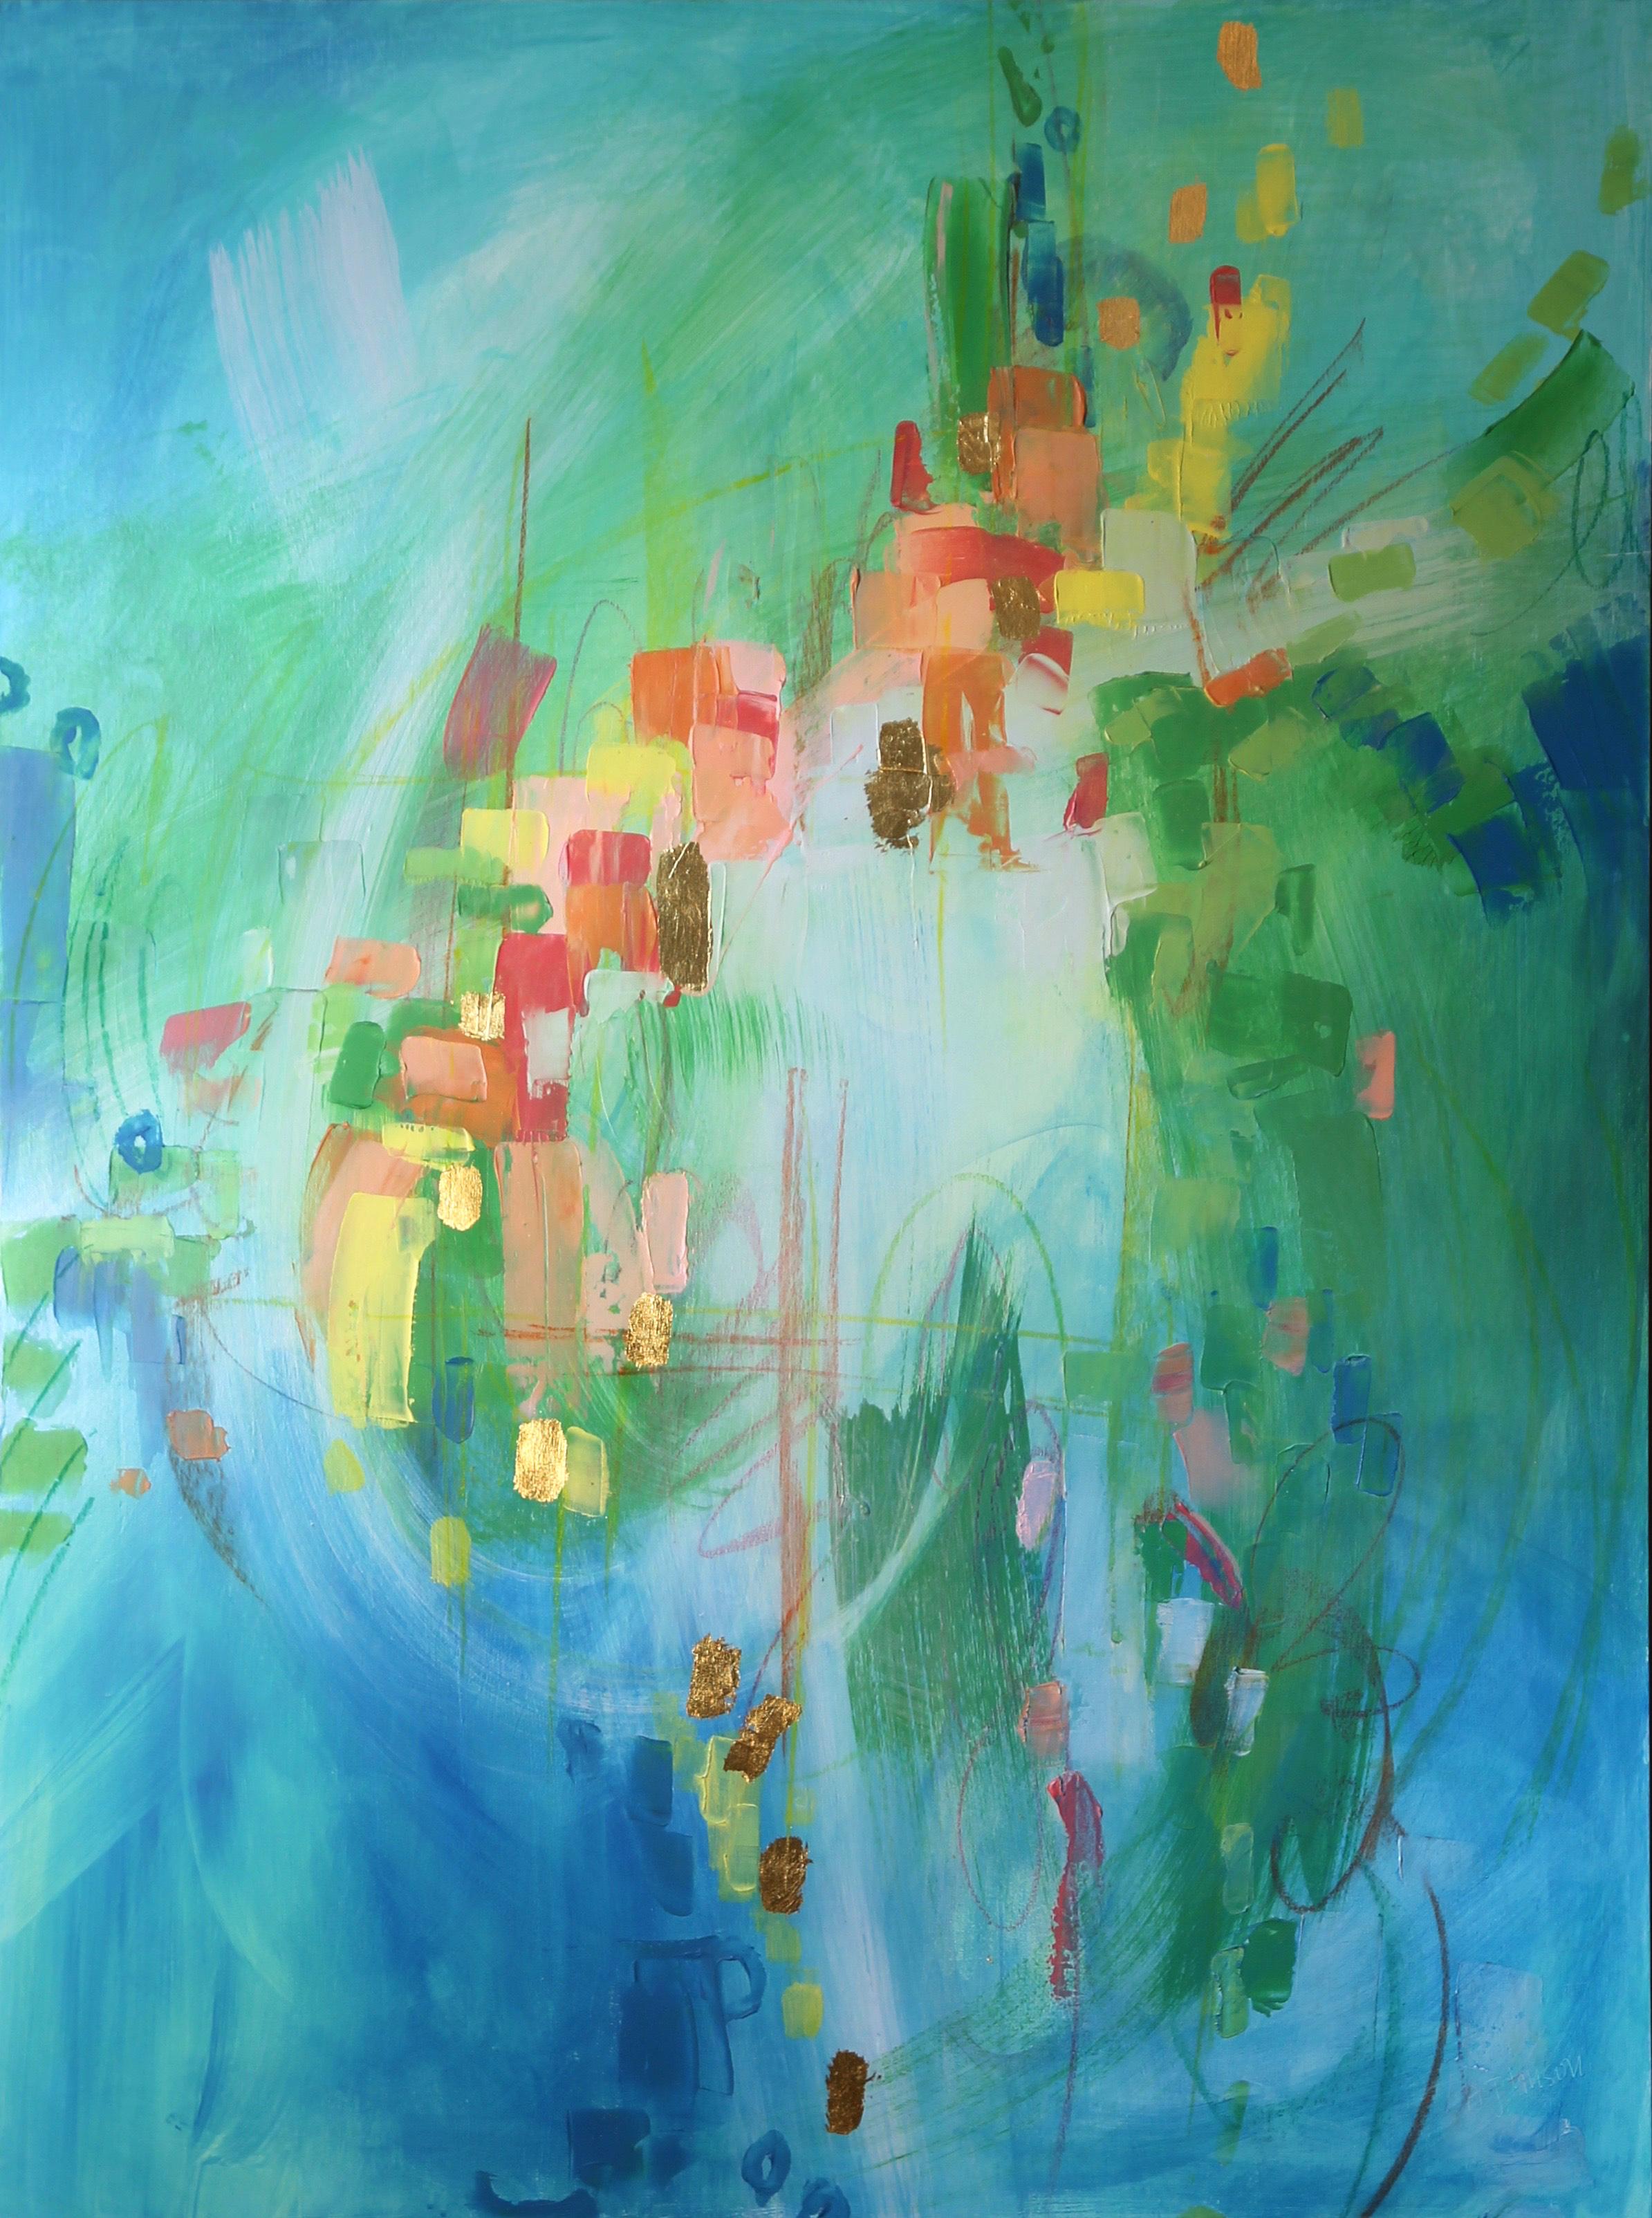 Big Green Abstract